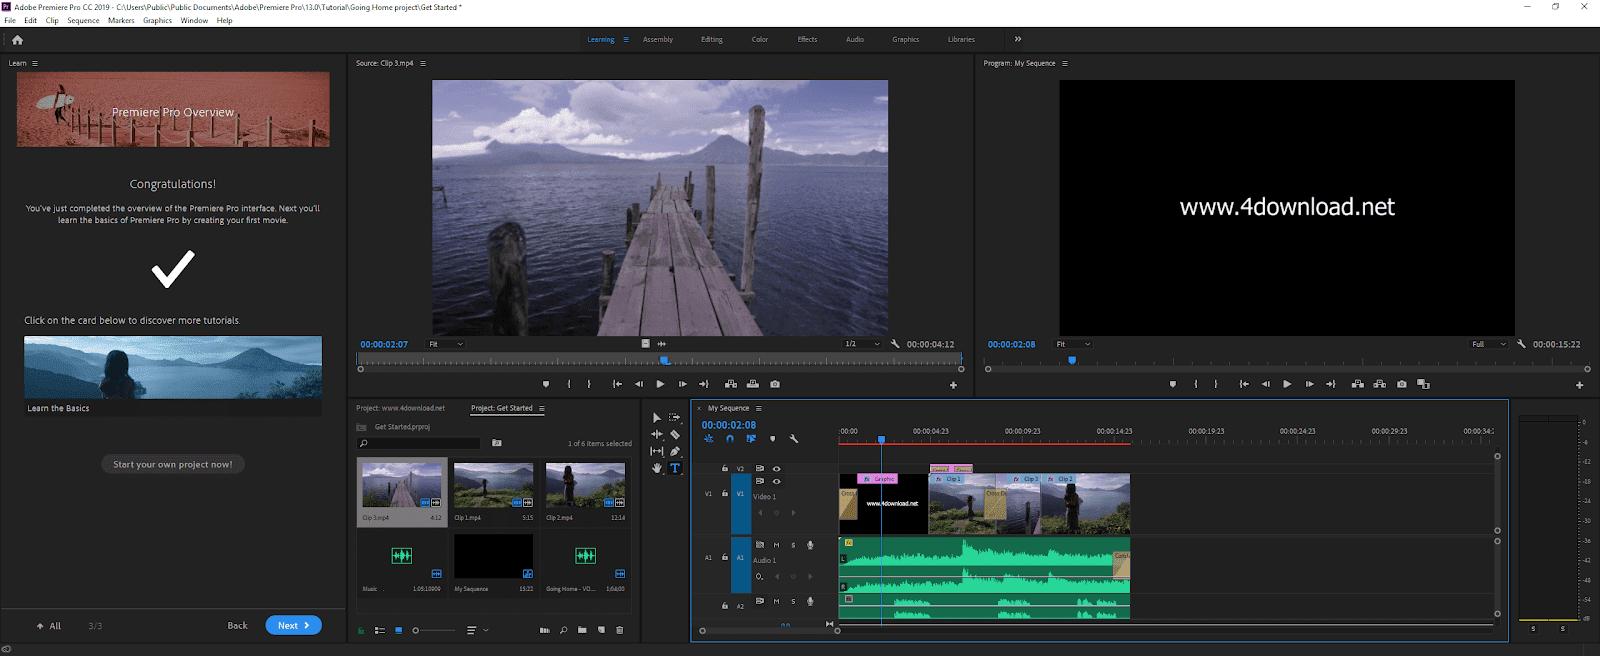 Adobe Premiere Pro CC 2019 Full version preactivated